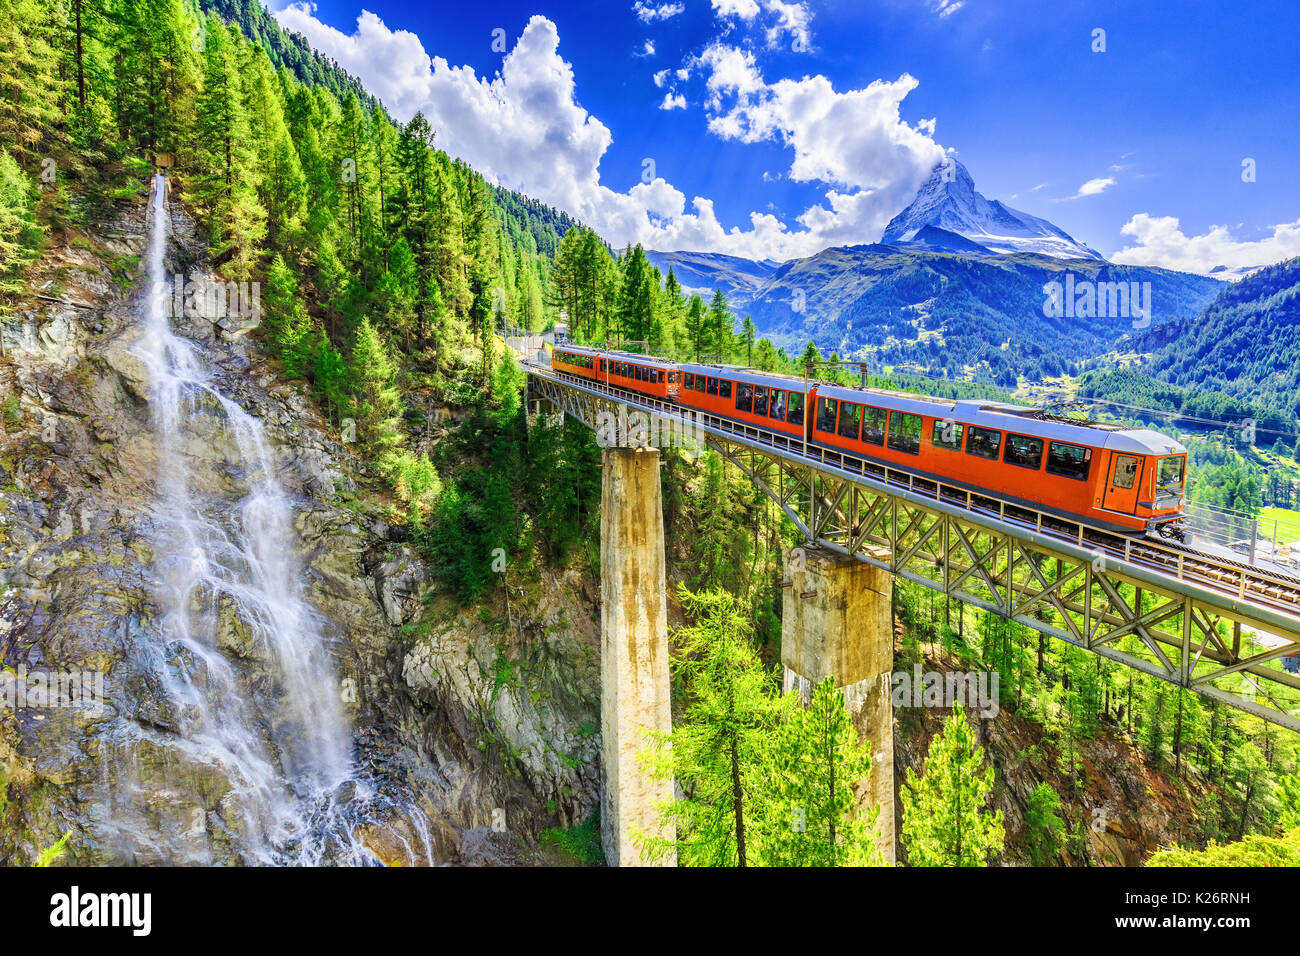 Zermatt, Svizzera. Gornergrat treno turistico con cascata, bridge e il Cervino. Regione del Canton Vallese. Immagini Stock